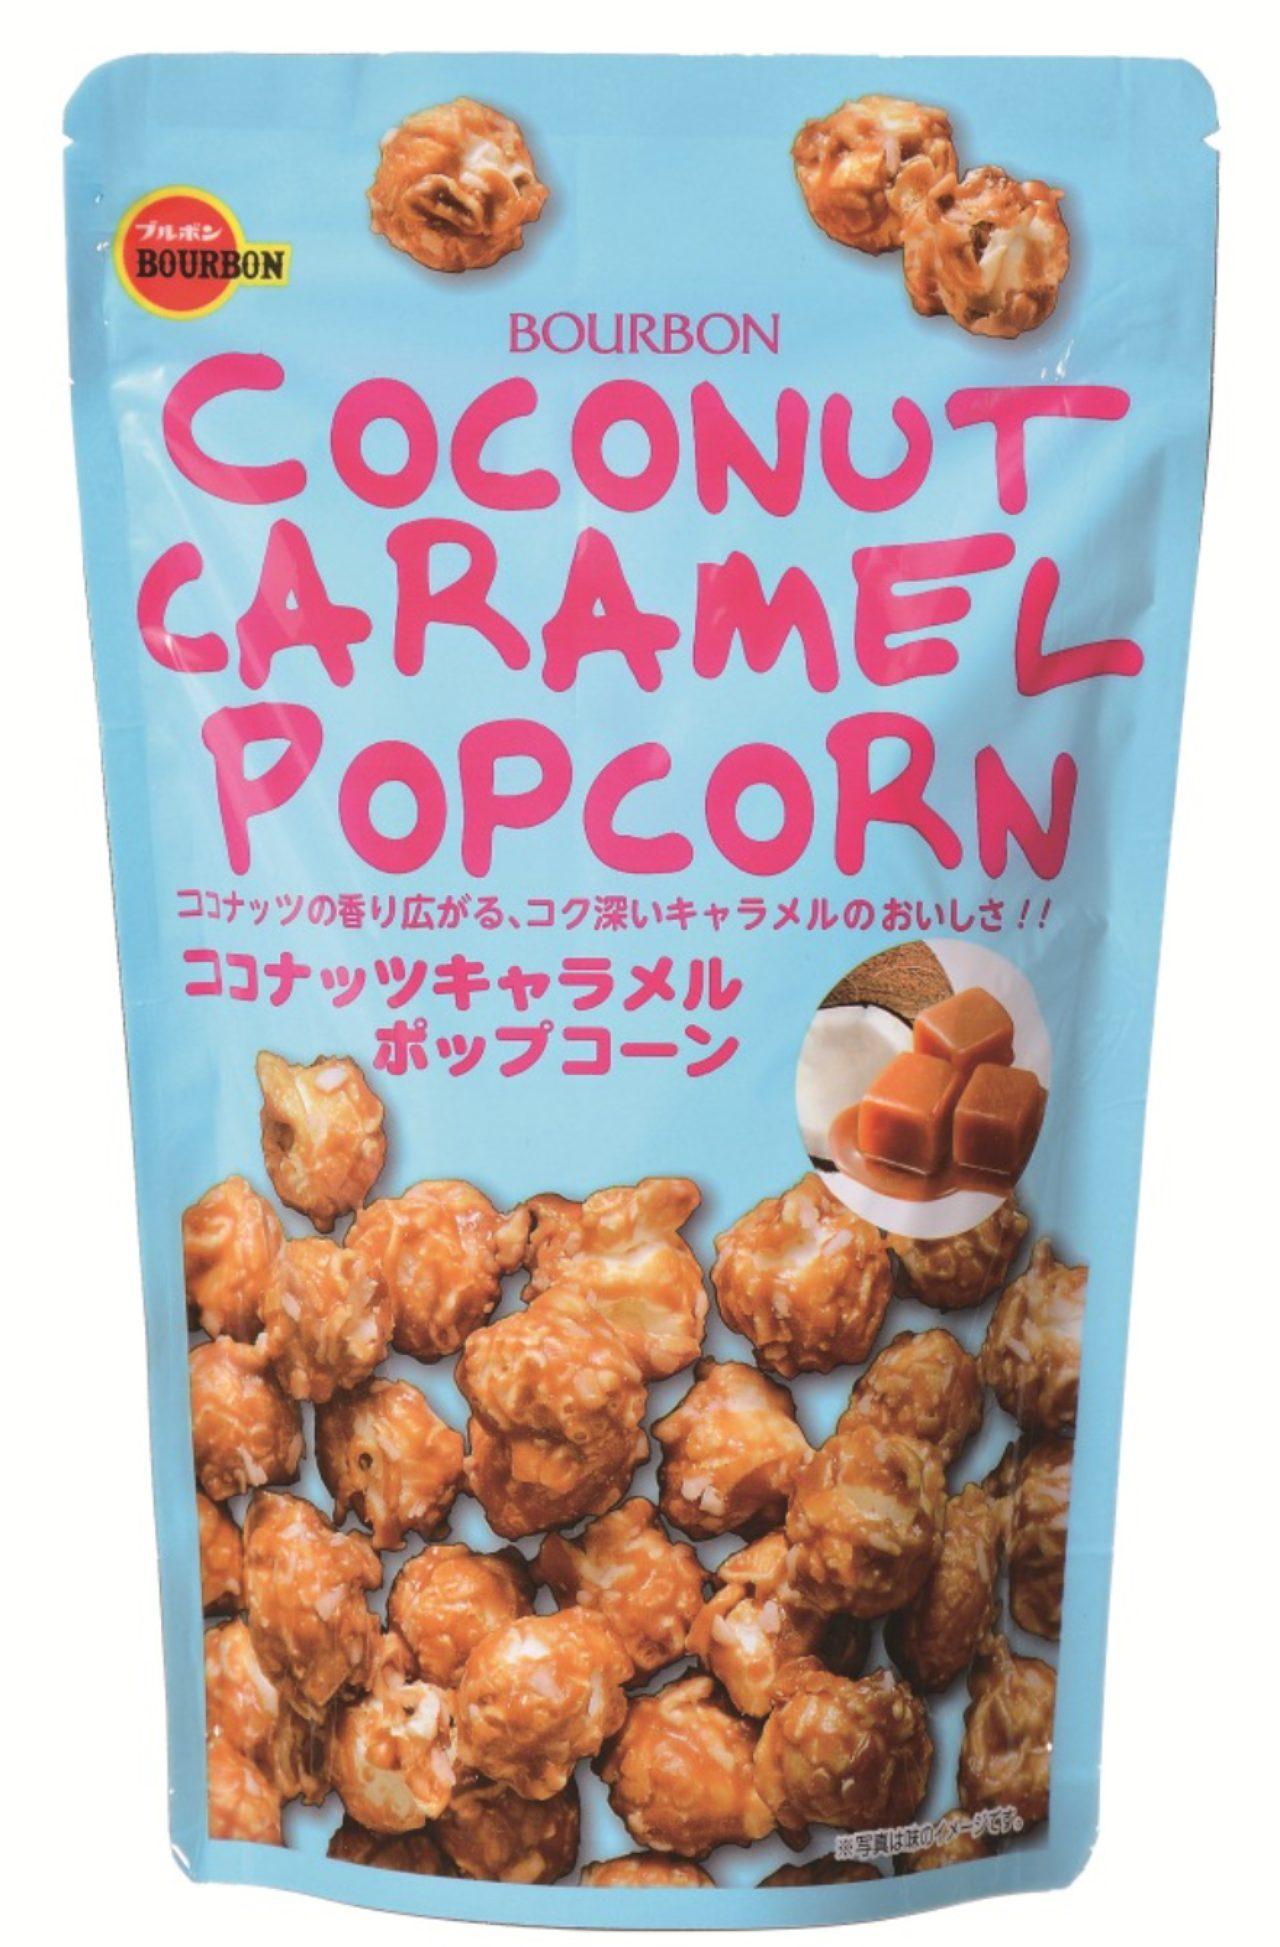 """画像: 【ココナッツキャラメルポップコーン】 キャラメルと相性の良いローストココナッツを表面に散りばめたキャラメルポップコーンです。キャラメルにはココナッツミルクパウダーを加え、味わい豊かに仕上げました。また、キャラメル掛けは1釜ごとに行うことで掛け率を高めました。パッケージはココナッツの白いイメージにビビッド感を加えた水色をベースとして、マゼンタの手づくり感のある字体で印象的なデザインとしました。キャラメルとココナッツが織り成すプレミアム感と、ポップコーンの""""フワカリ""""の食感をお楽しみいただけます。"""